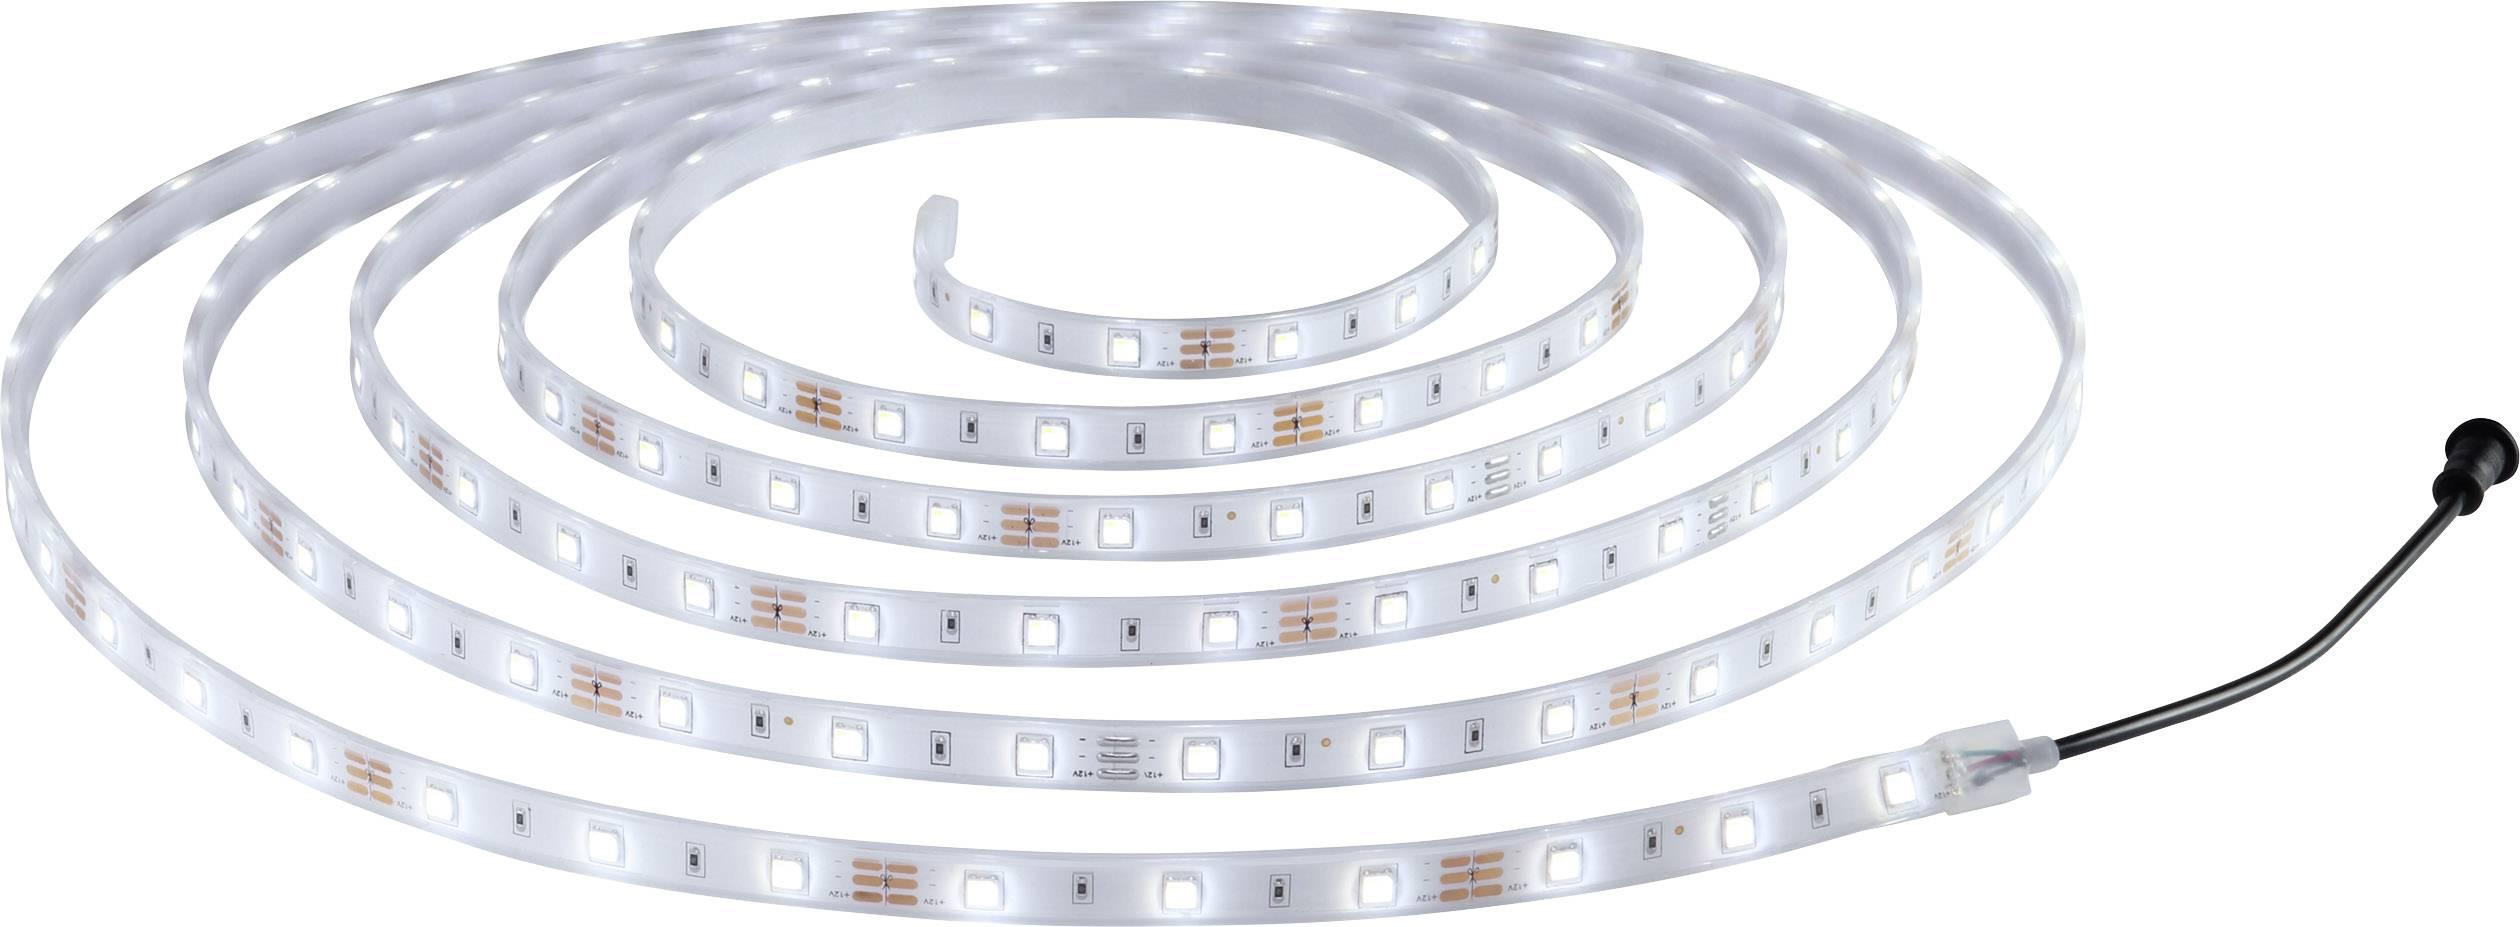 Kompletní sada LED pásků Polarlite M50 12 V/DC, 14 W, studená bílá, teplá bílá, 500 cm